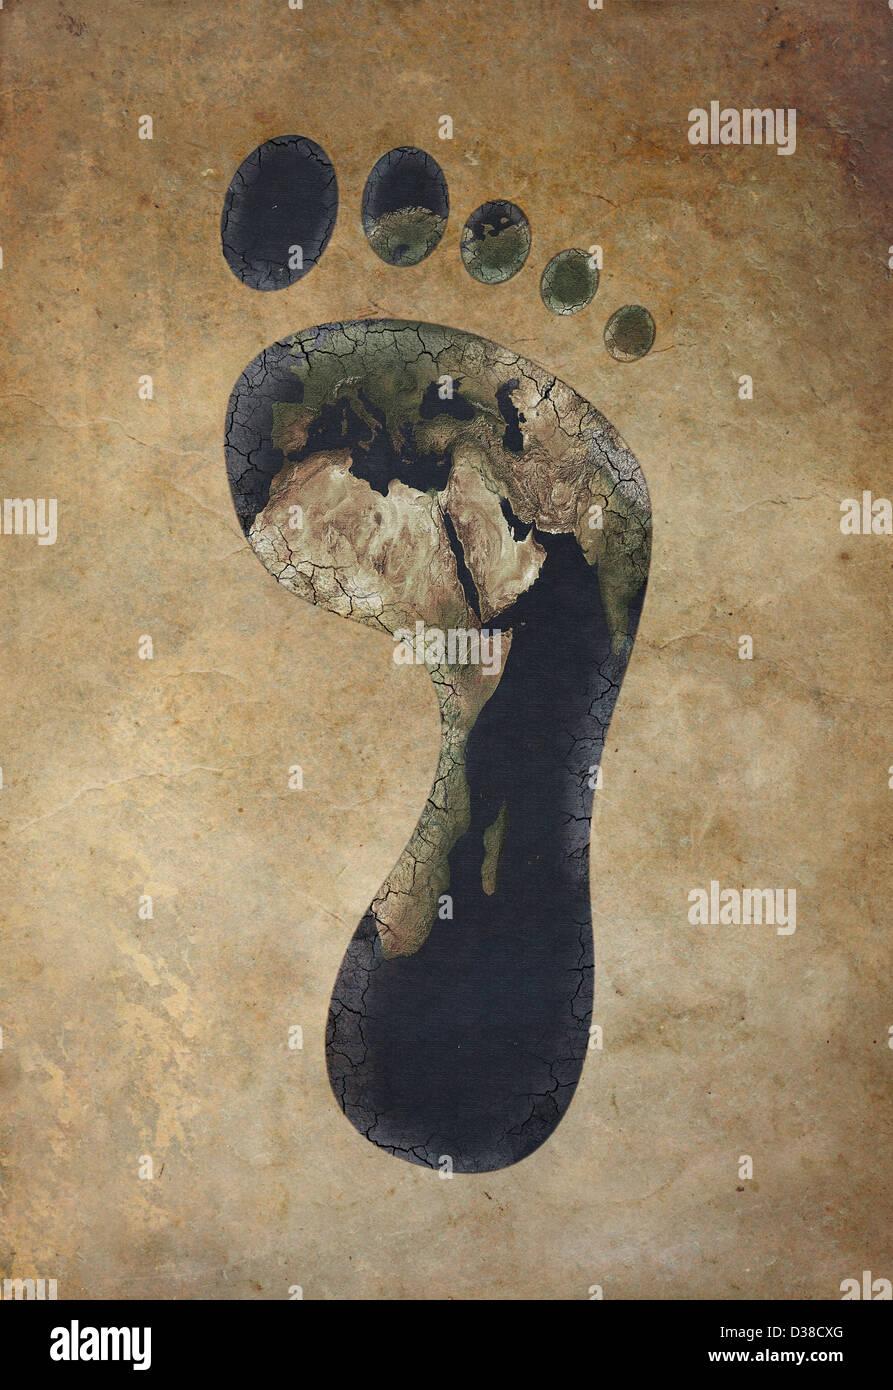 Imagen ilustrativa de la huella de carbono contra el fondo de color Imagen De Stock